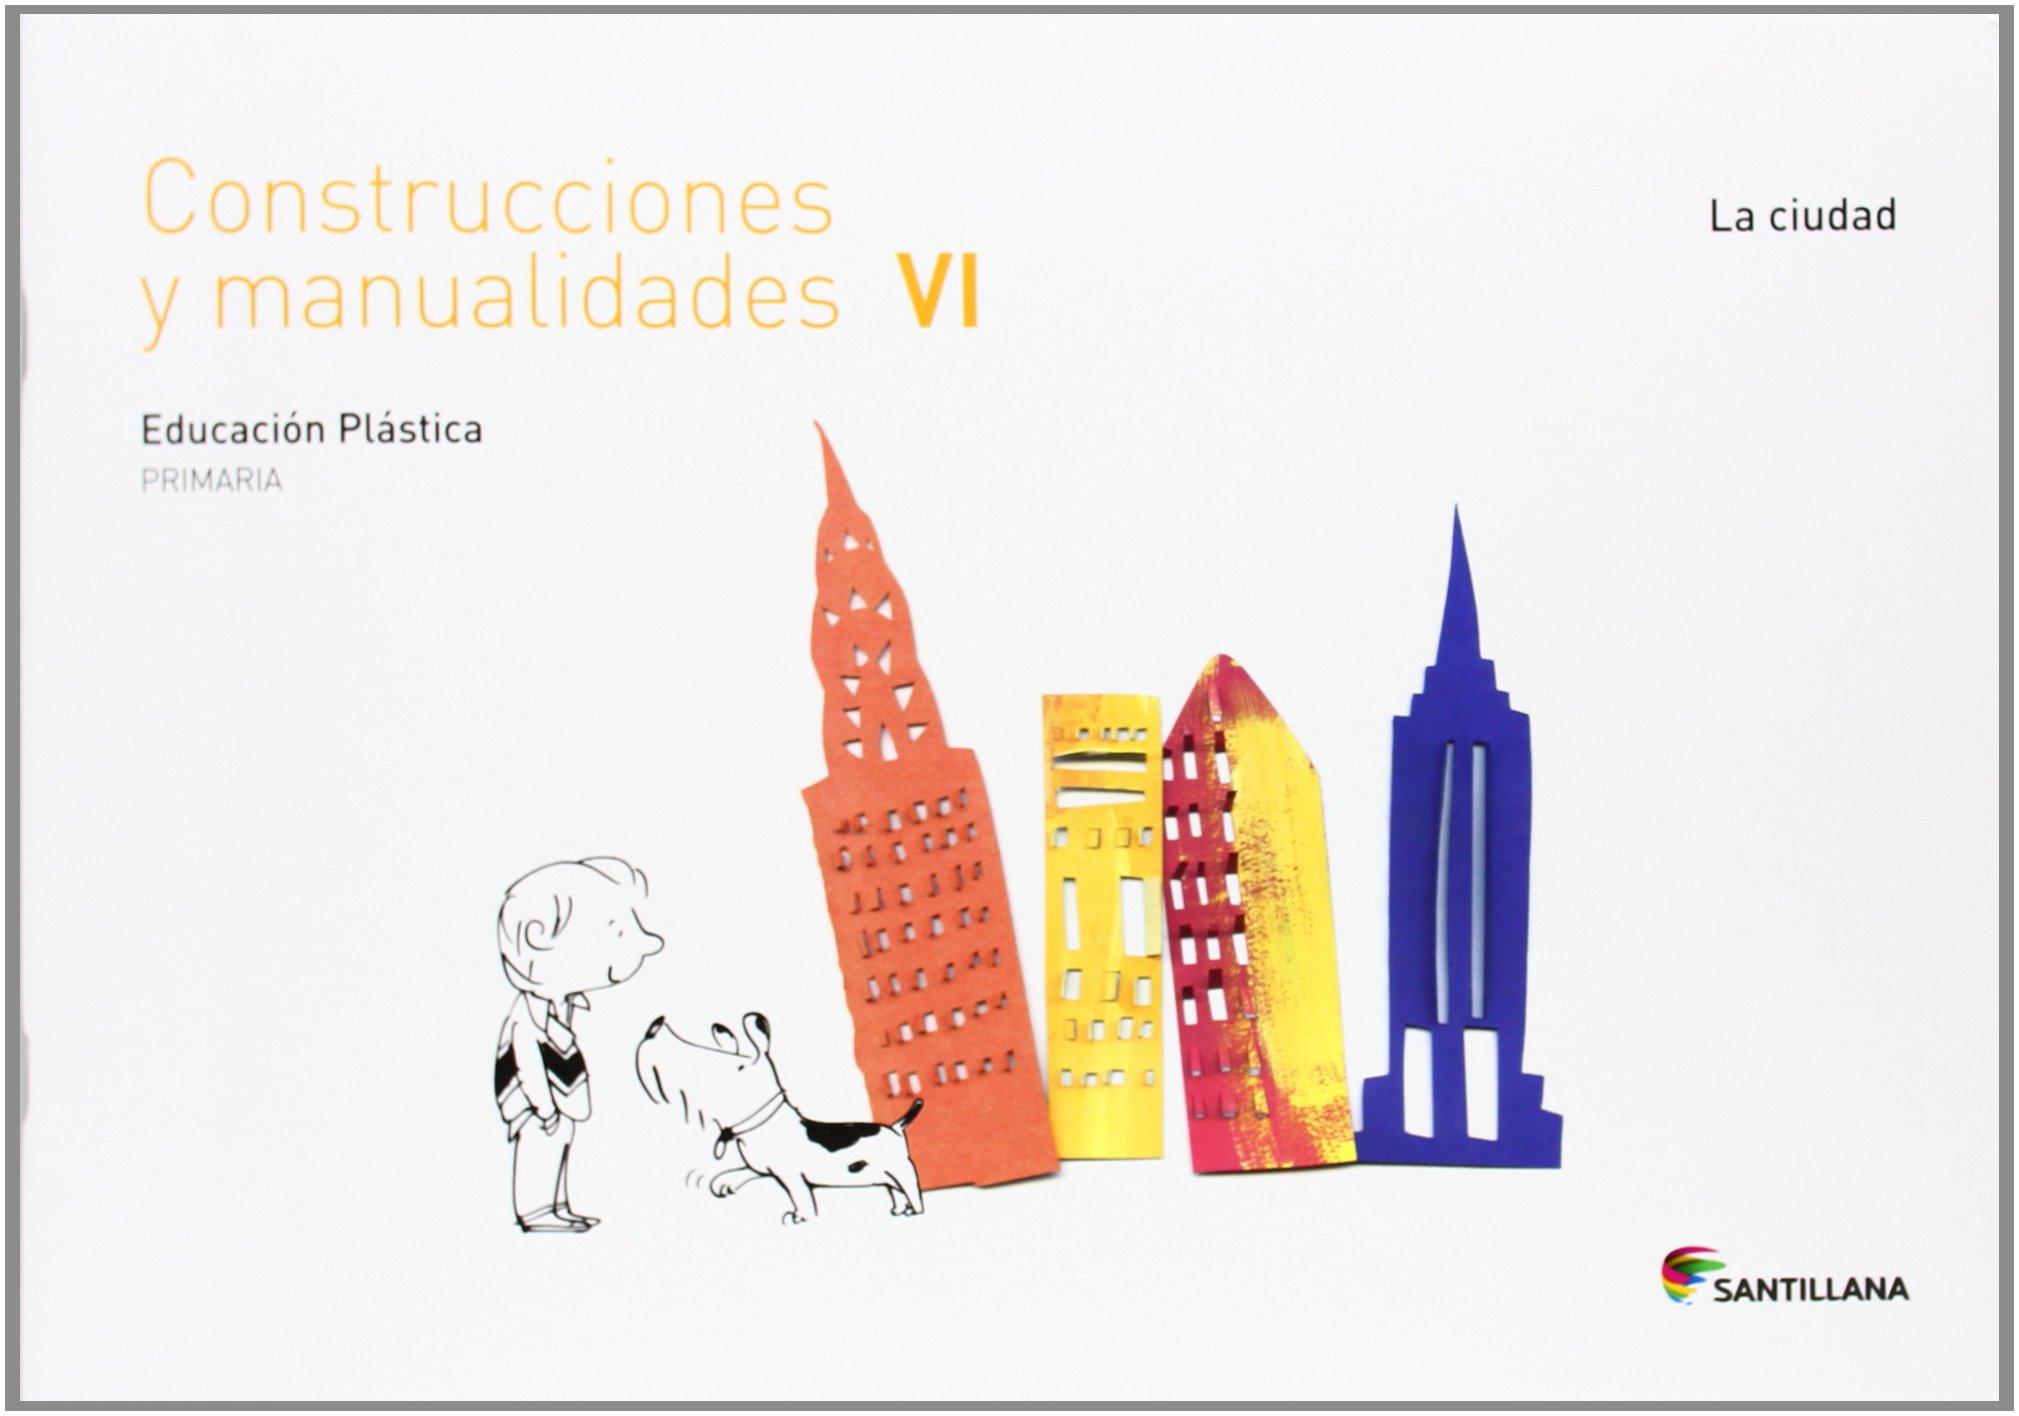 CUADERNO CONSTRUCCIONES Y MANUALIDADES VI LA CIUDAD 6 PRIMARIA - 9788468018300